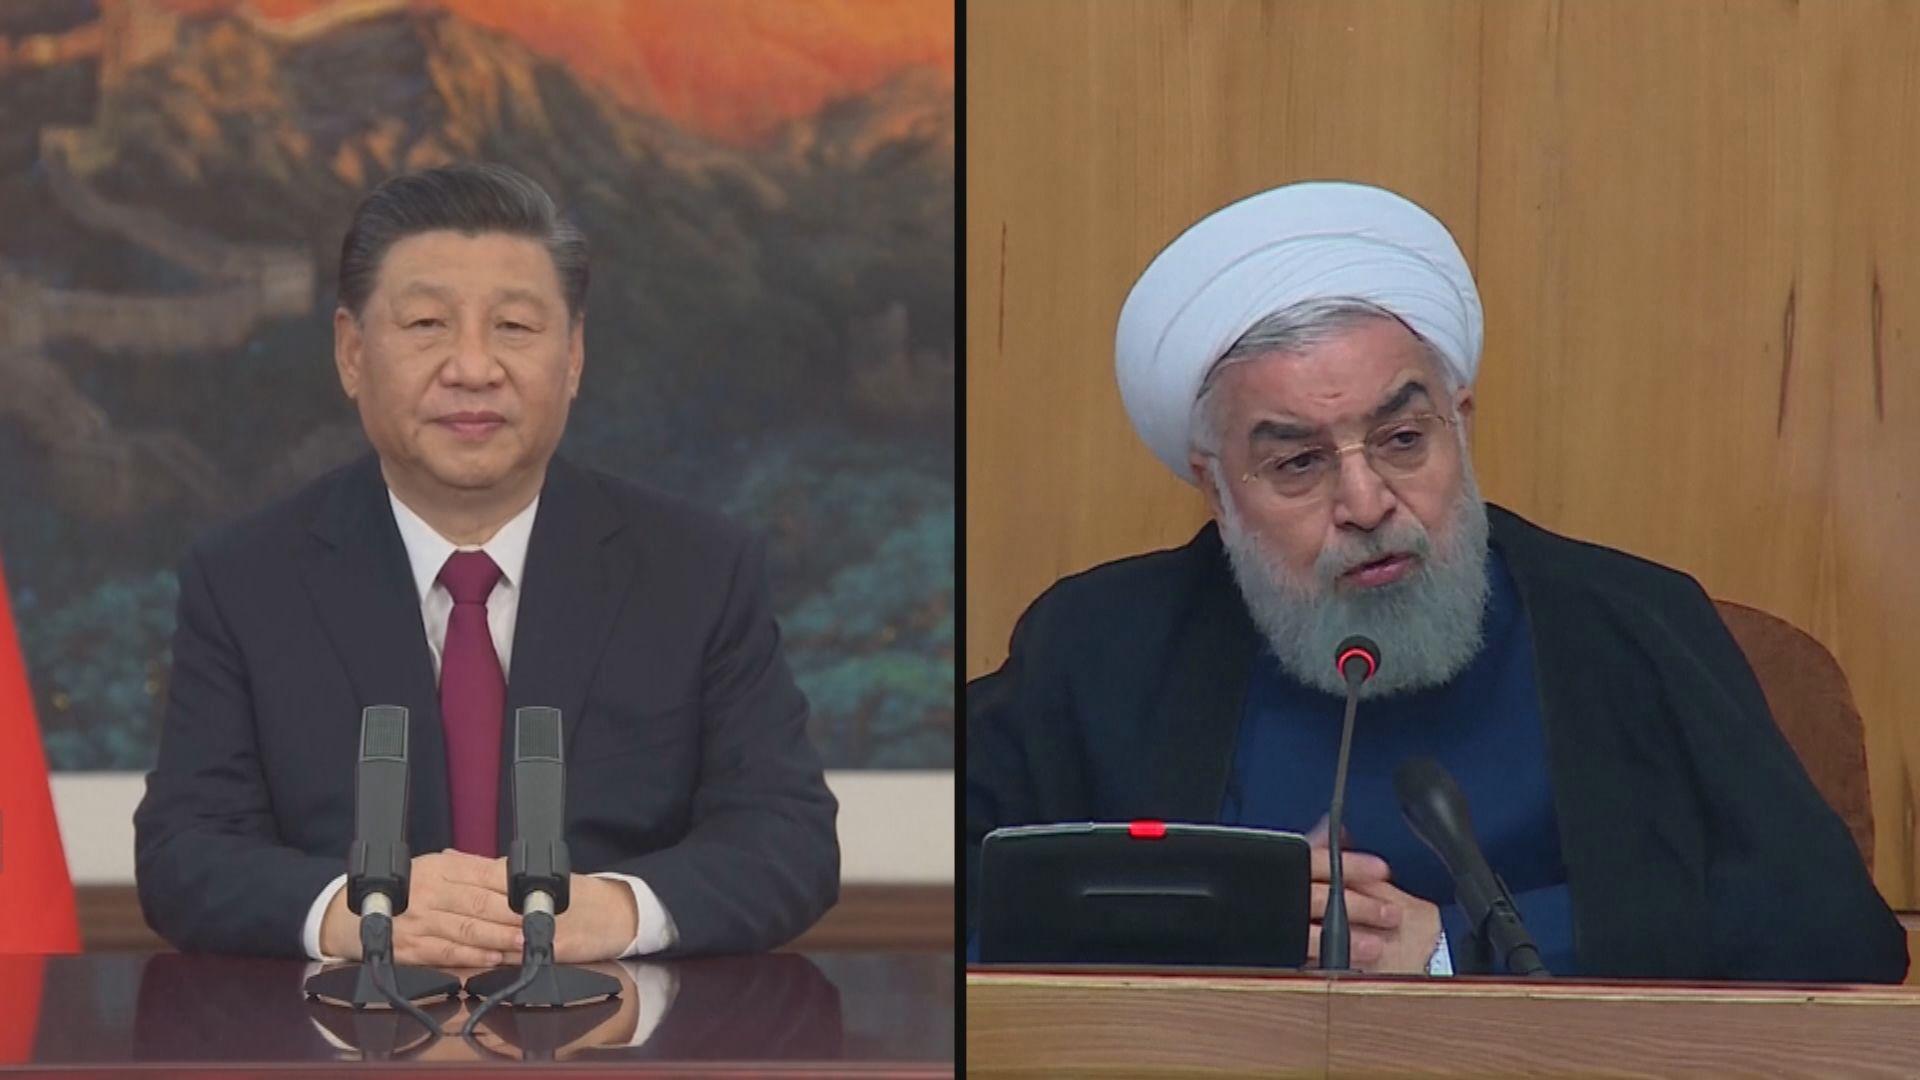 習近平稱支持伊朗在核協議問題上合理訴求